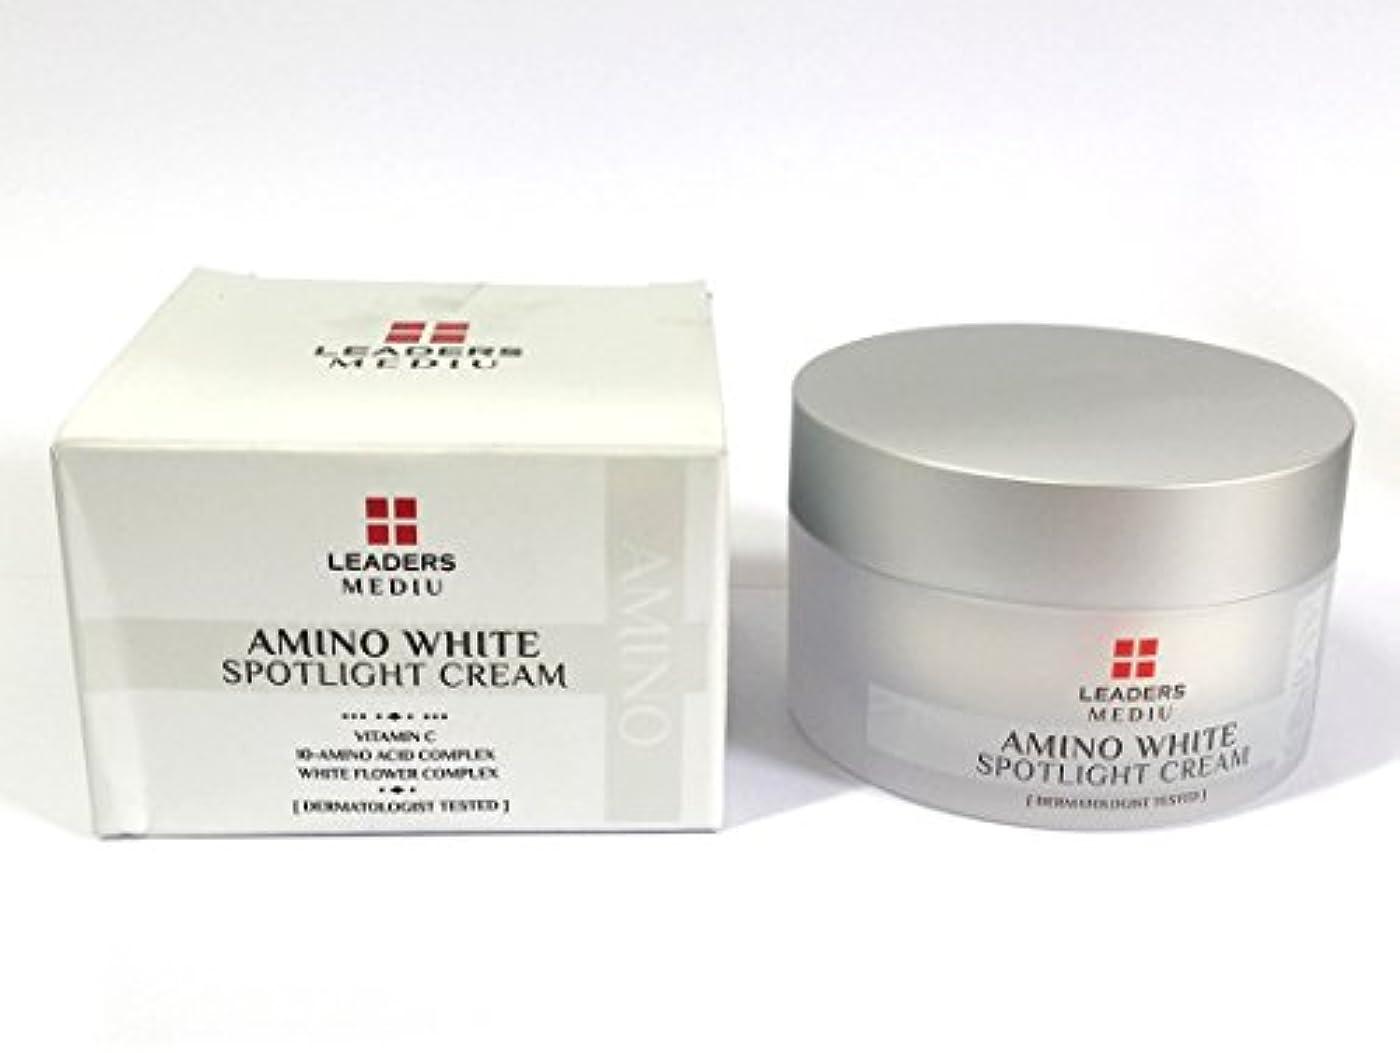 [Leaders] アミノホワイトスポットライト50ml / Amino White Spotlight Cream 50ml / ホワイトニング、アンチリンクル、モイスチャライジング / Whitening, Anti-Wrinkle...